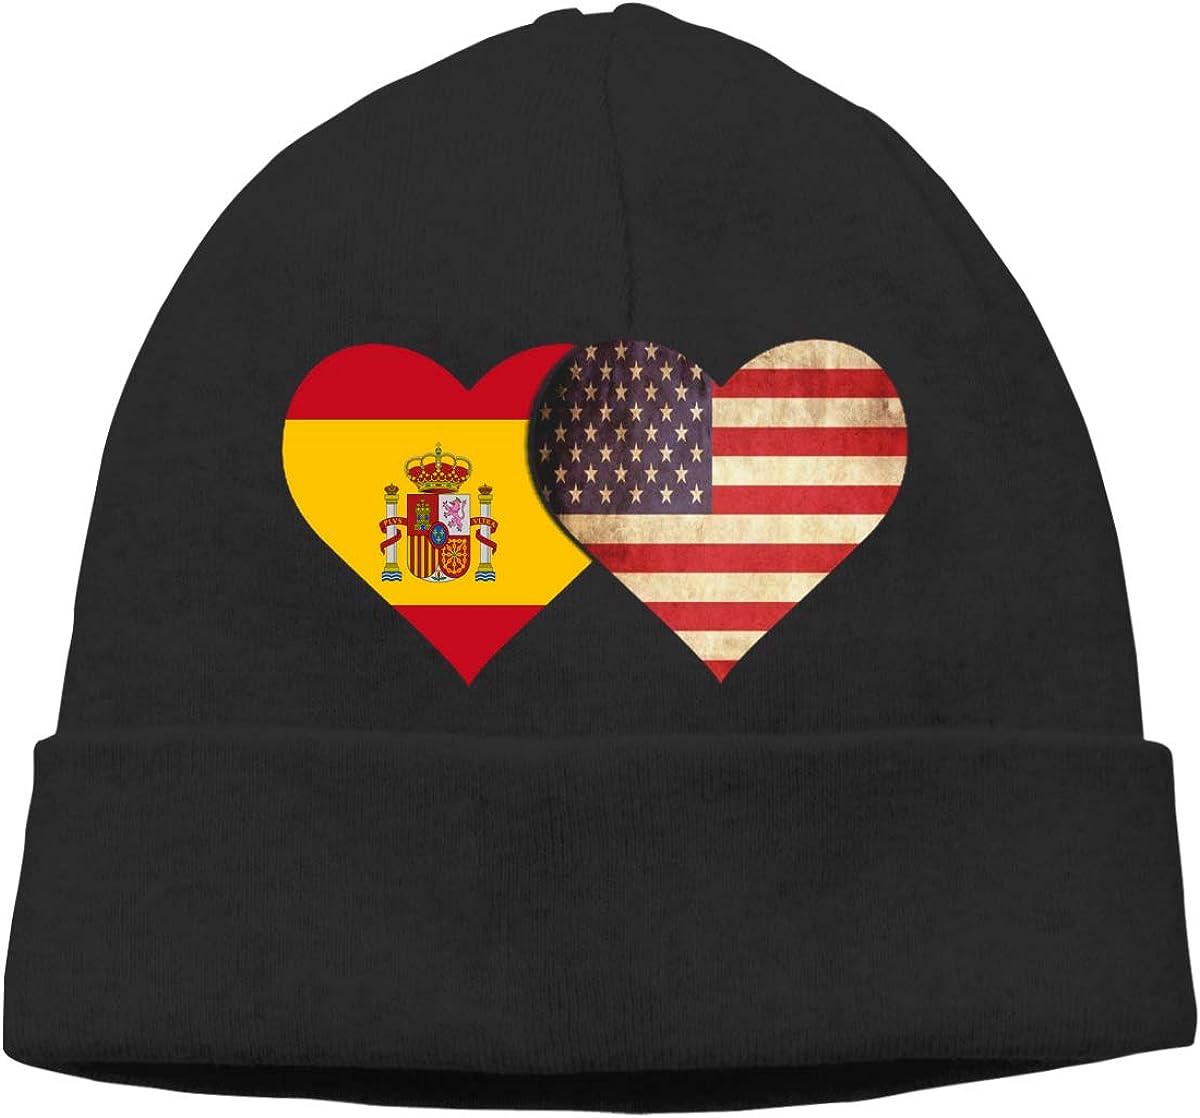 Gorro de Lana Unisex con Bandera española y Bandera Estadounidense Negro Negro (Taille Unique: Amazon.es: Ropa y accesorios